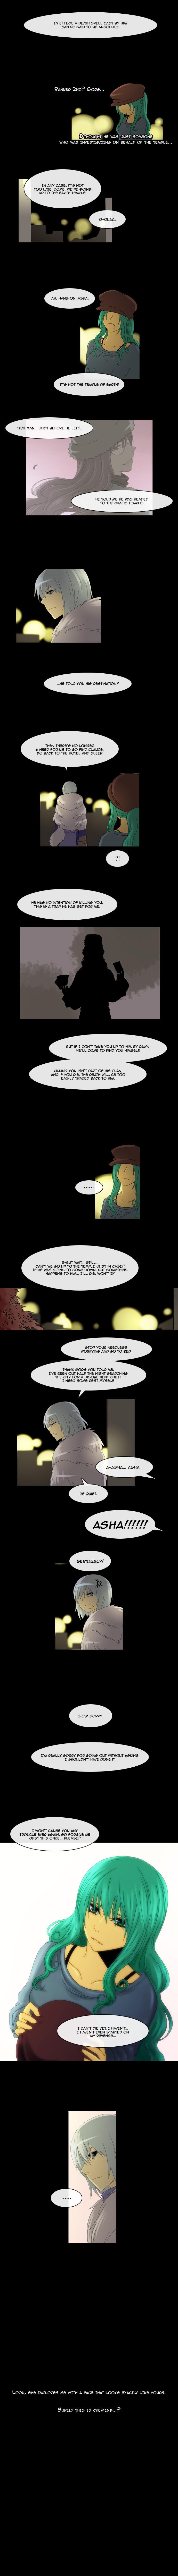 Kubera 134 Page 4